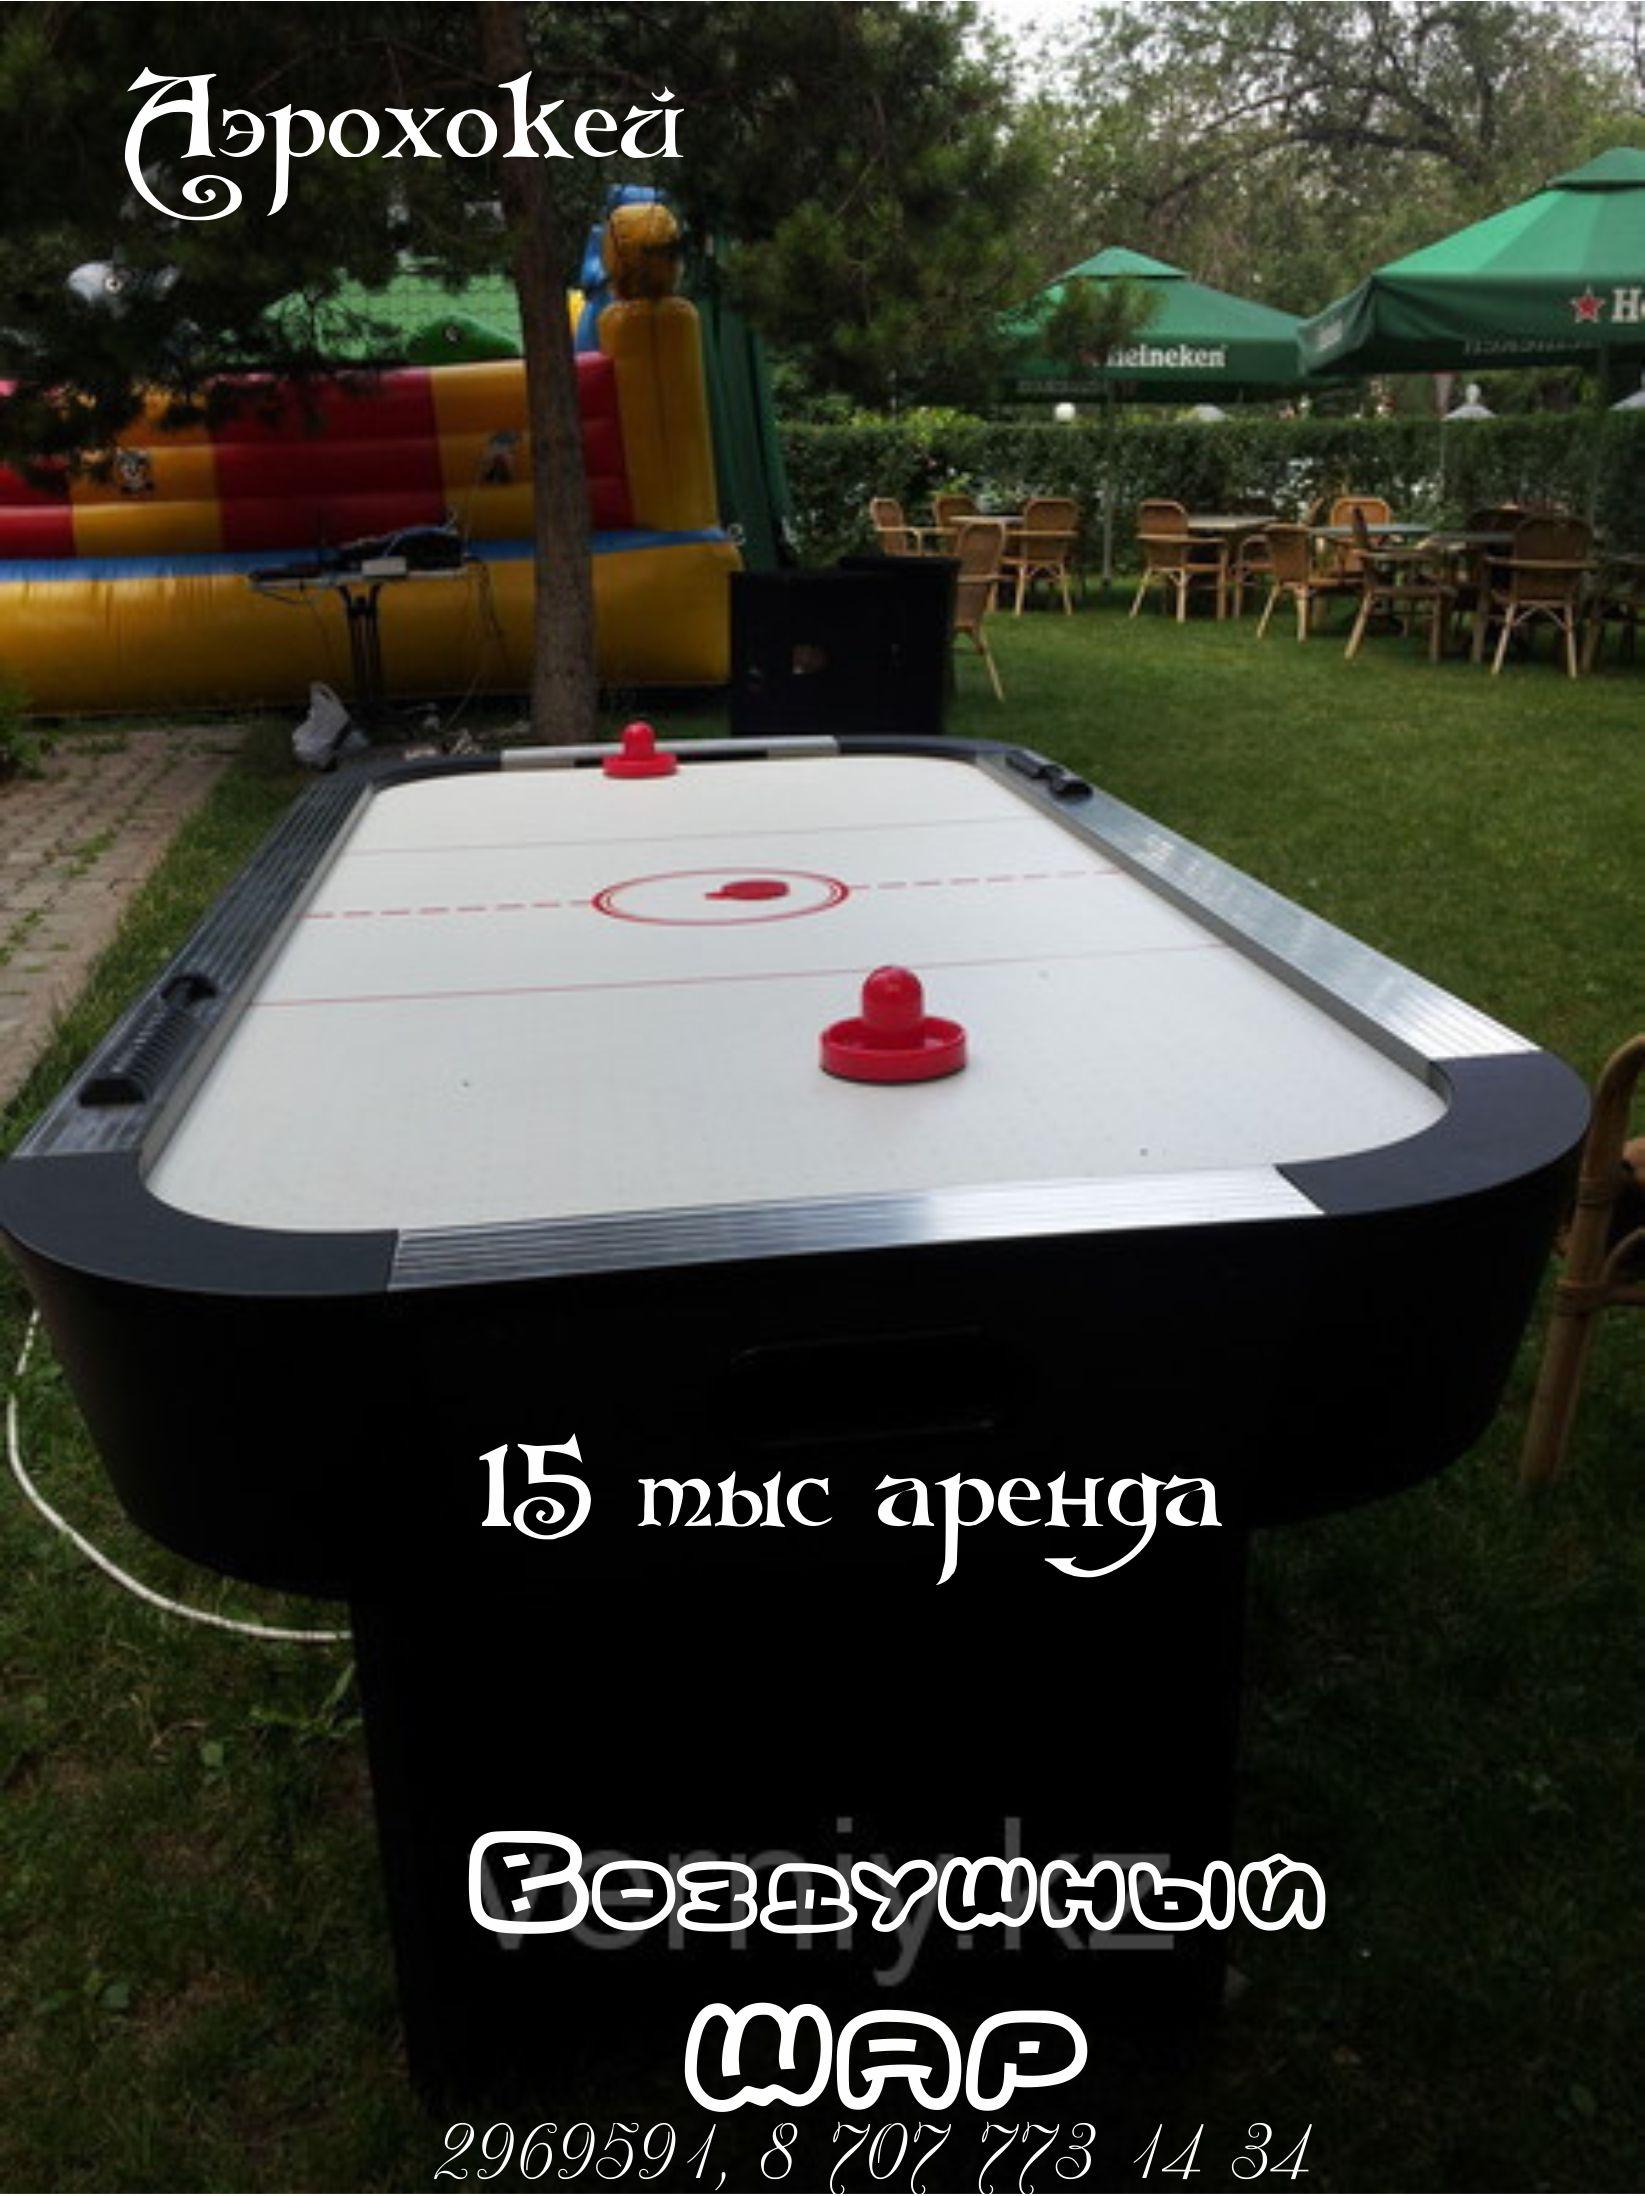 аэрохокей_аниматоры_алматы.jpg